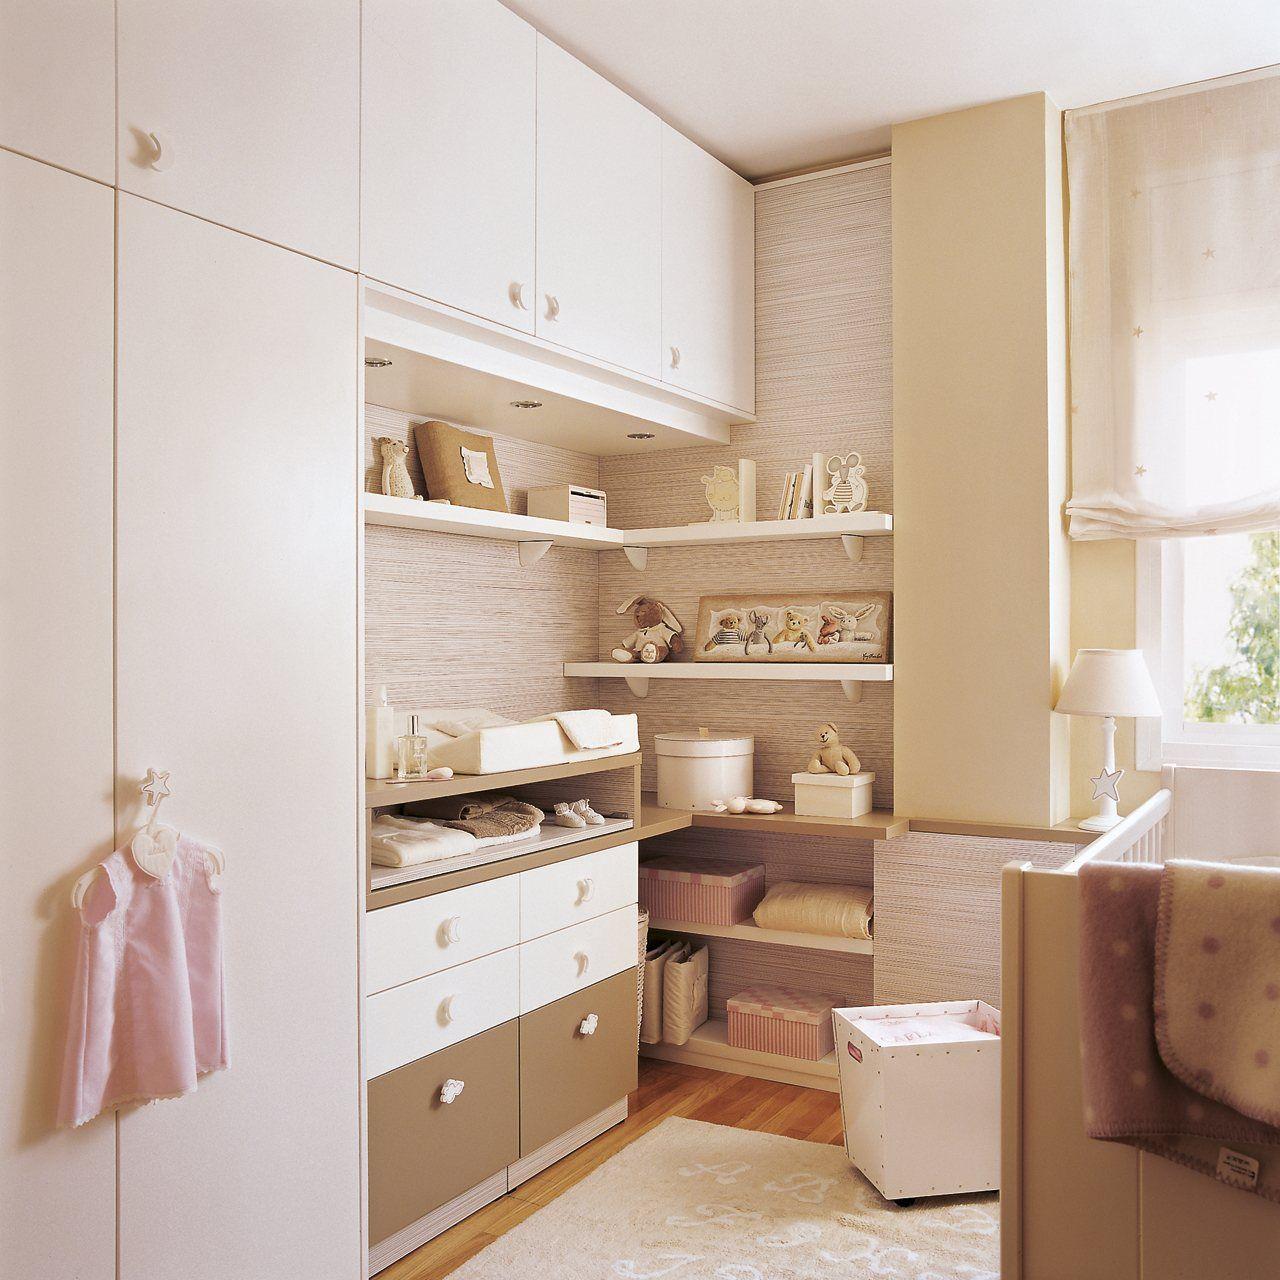 Organiza la habitaci n de los peques dormitorios - Organizar habitacion ninos ...